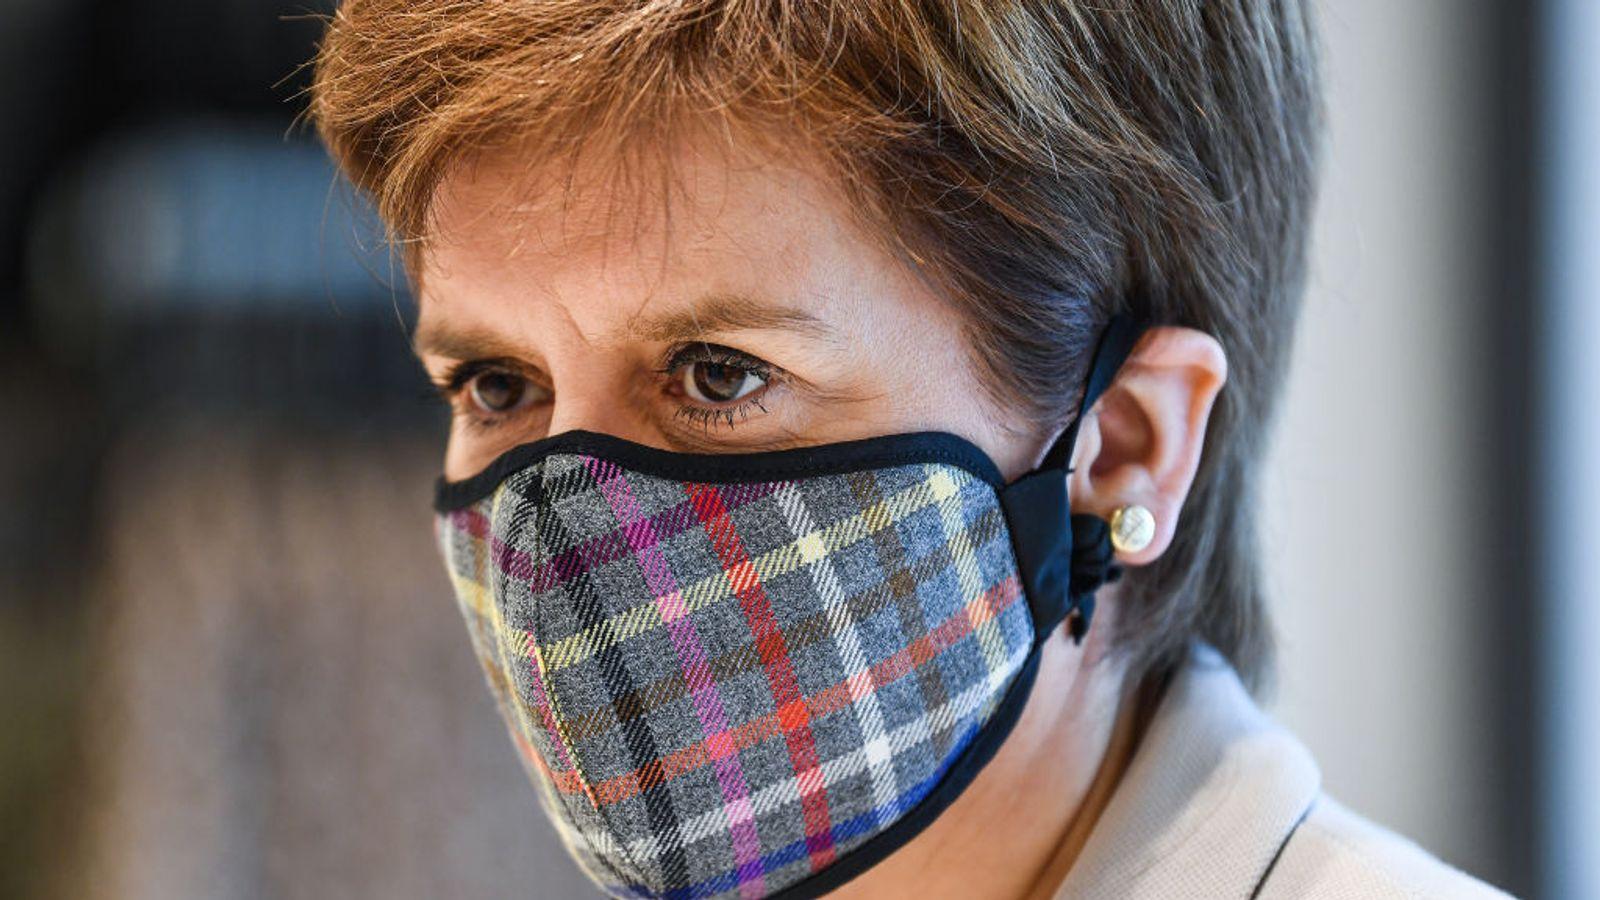 Шотландын ерөнхий сайд маск зүүгээгүйдээ гэмшиж, хүлцэл өчив